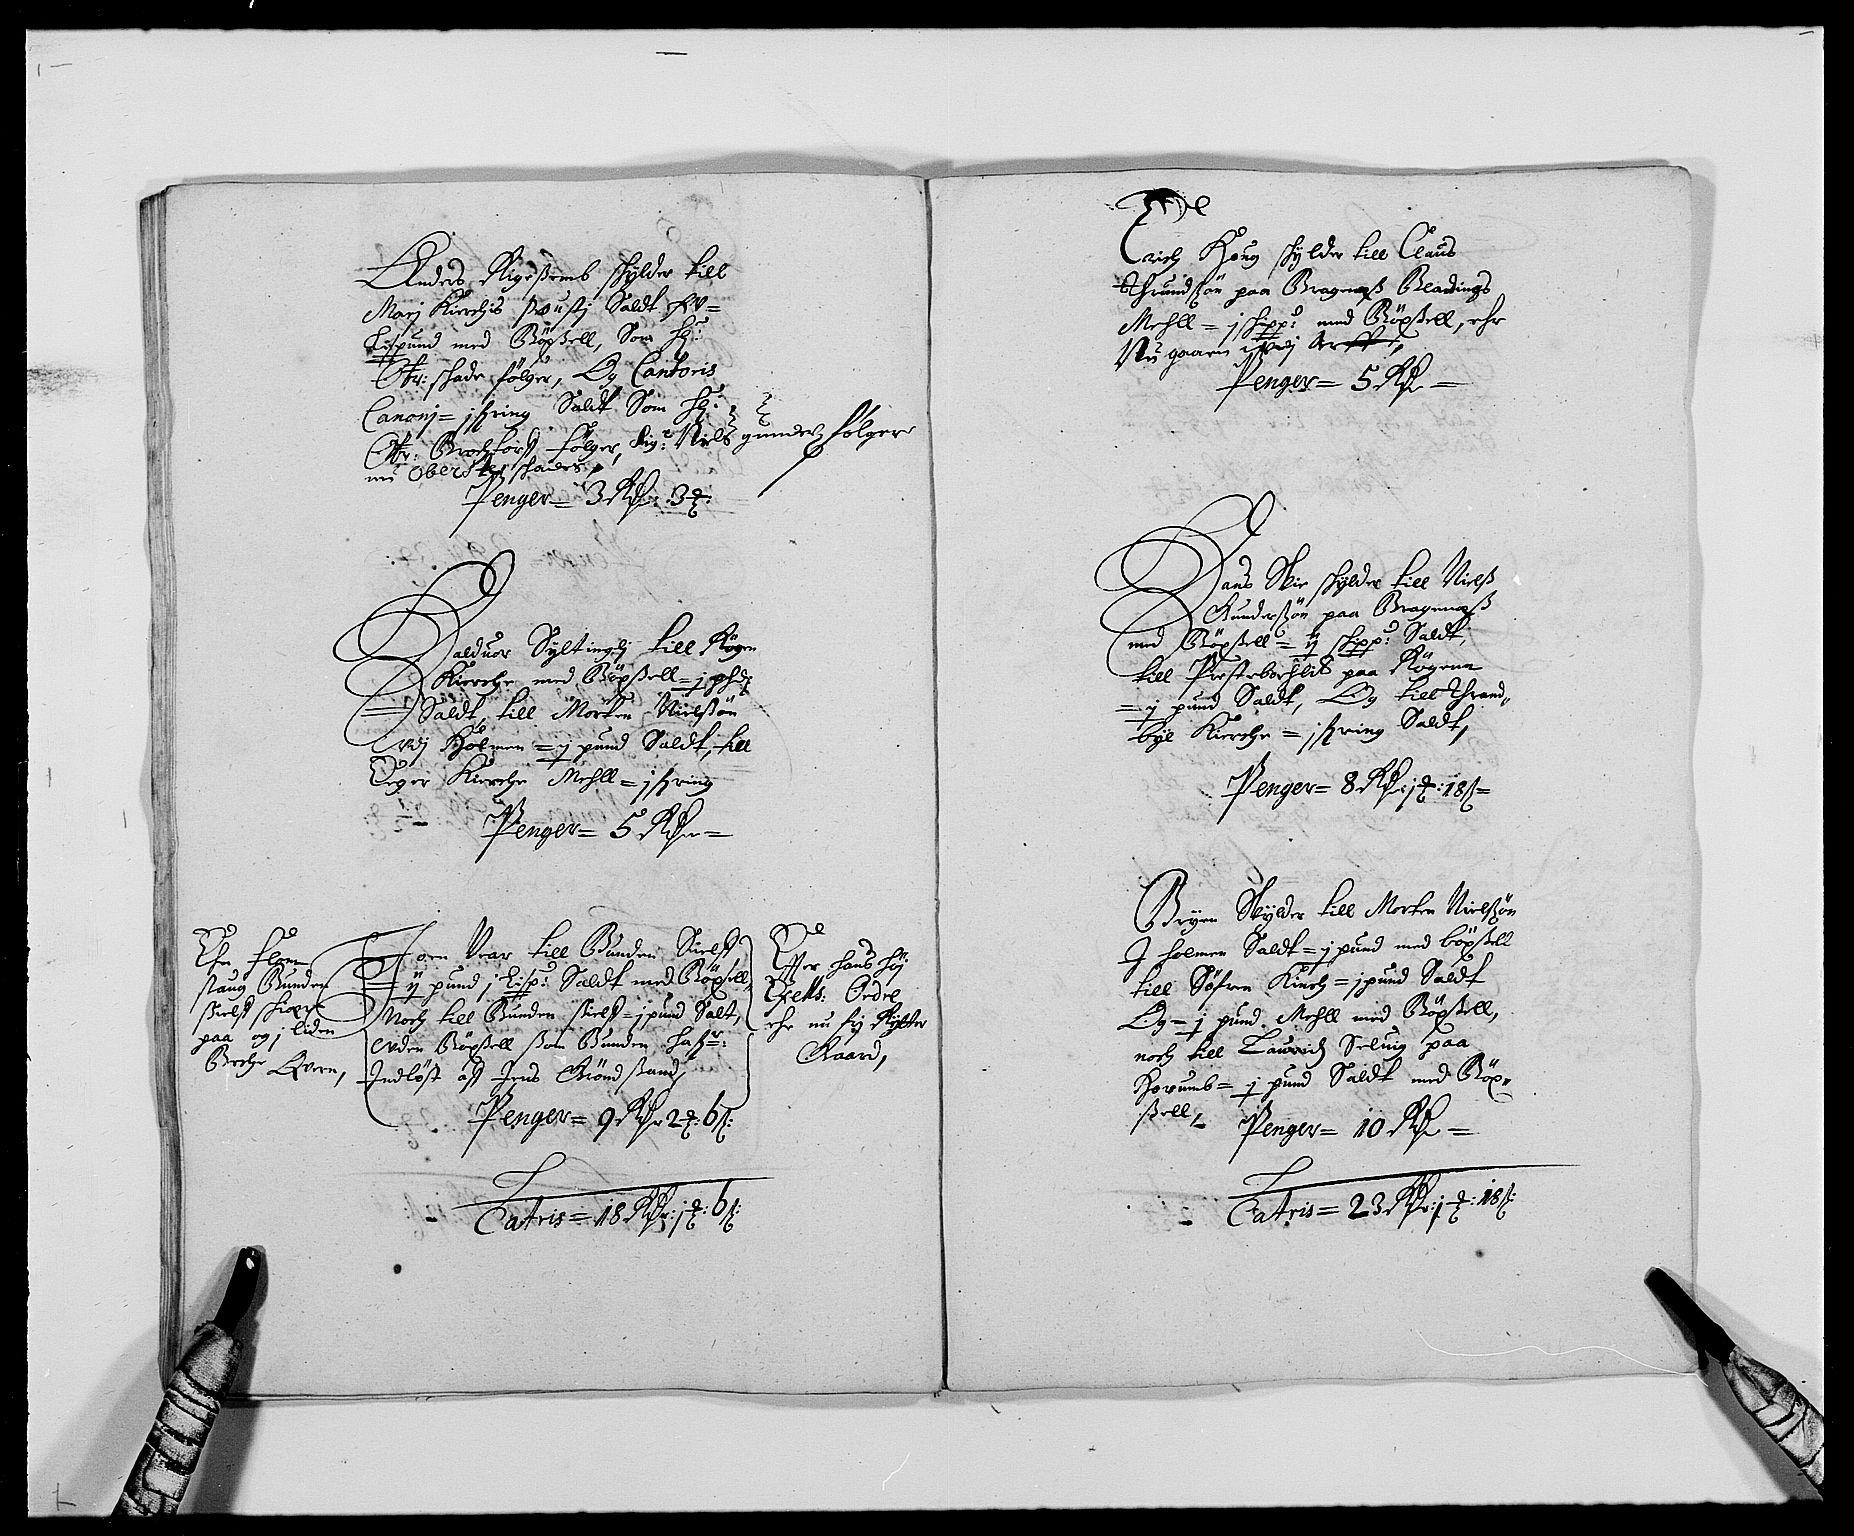 RA, Rentekammeret inntil 1814, Reviderte regnskaper, Fogderegnskap, R29/L1691: Fogderegnskap Hurum og Røyken, 1678-1681, s. 371